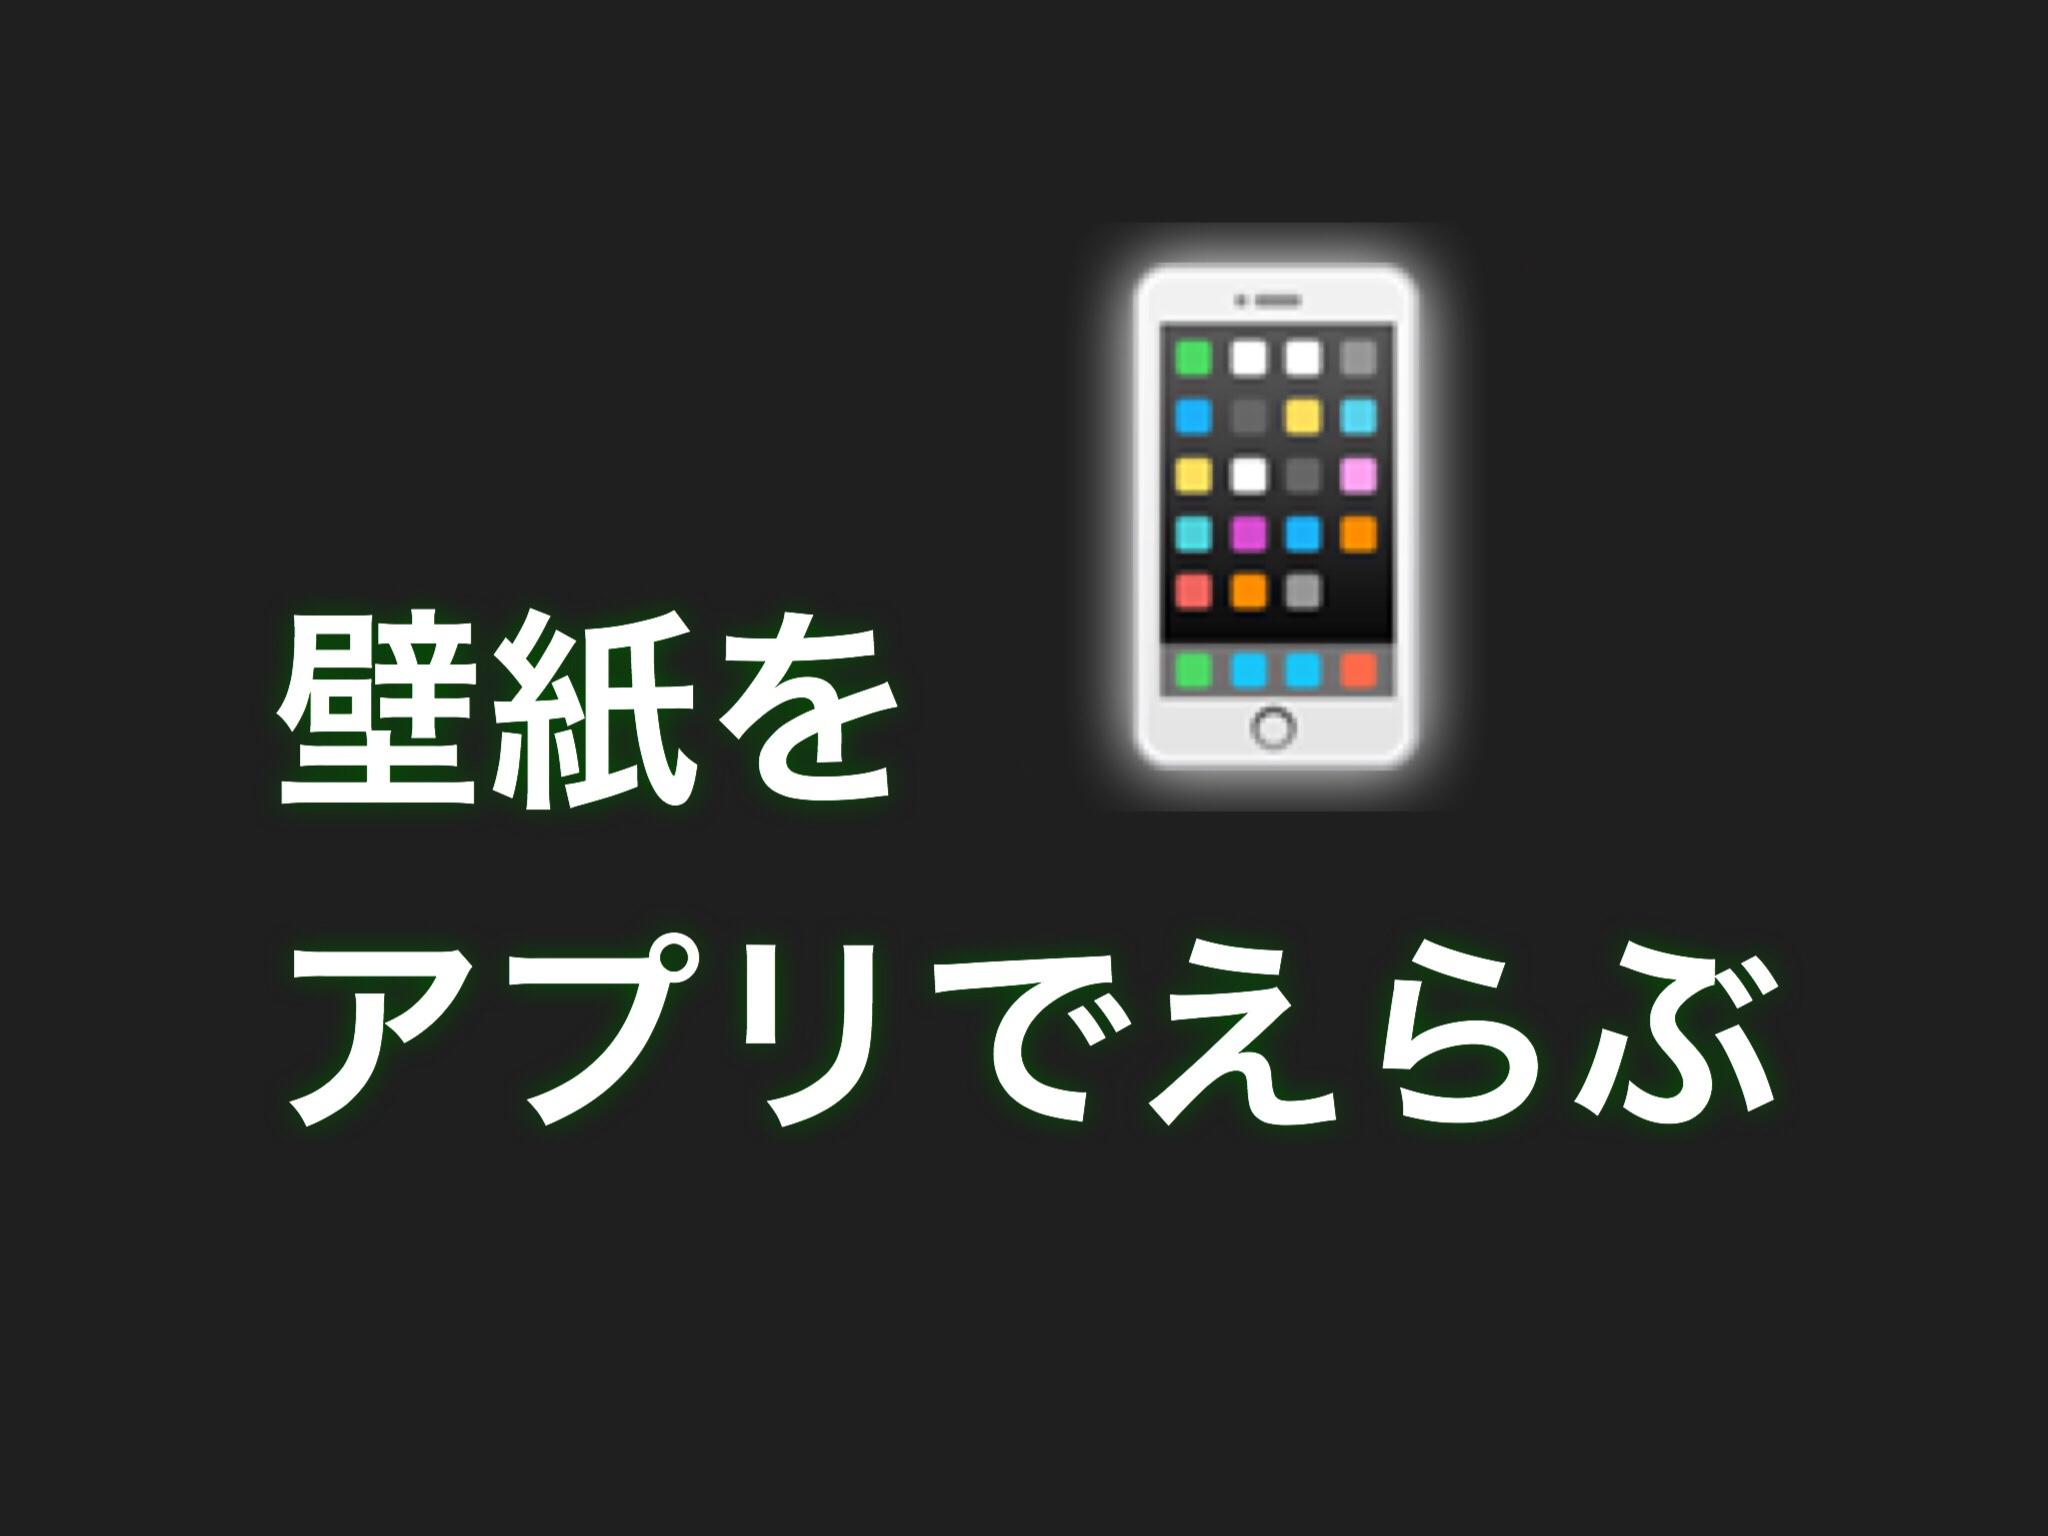 Iphoneの壁紙を頻繁に変えるには 壁紙アプリを入れておくといい 水